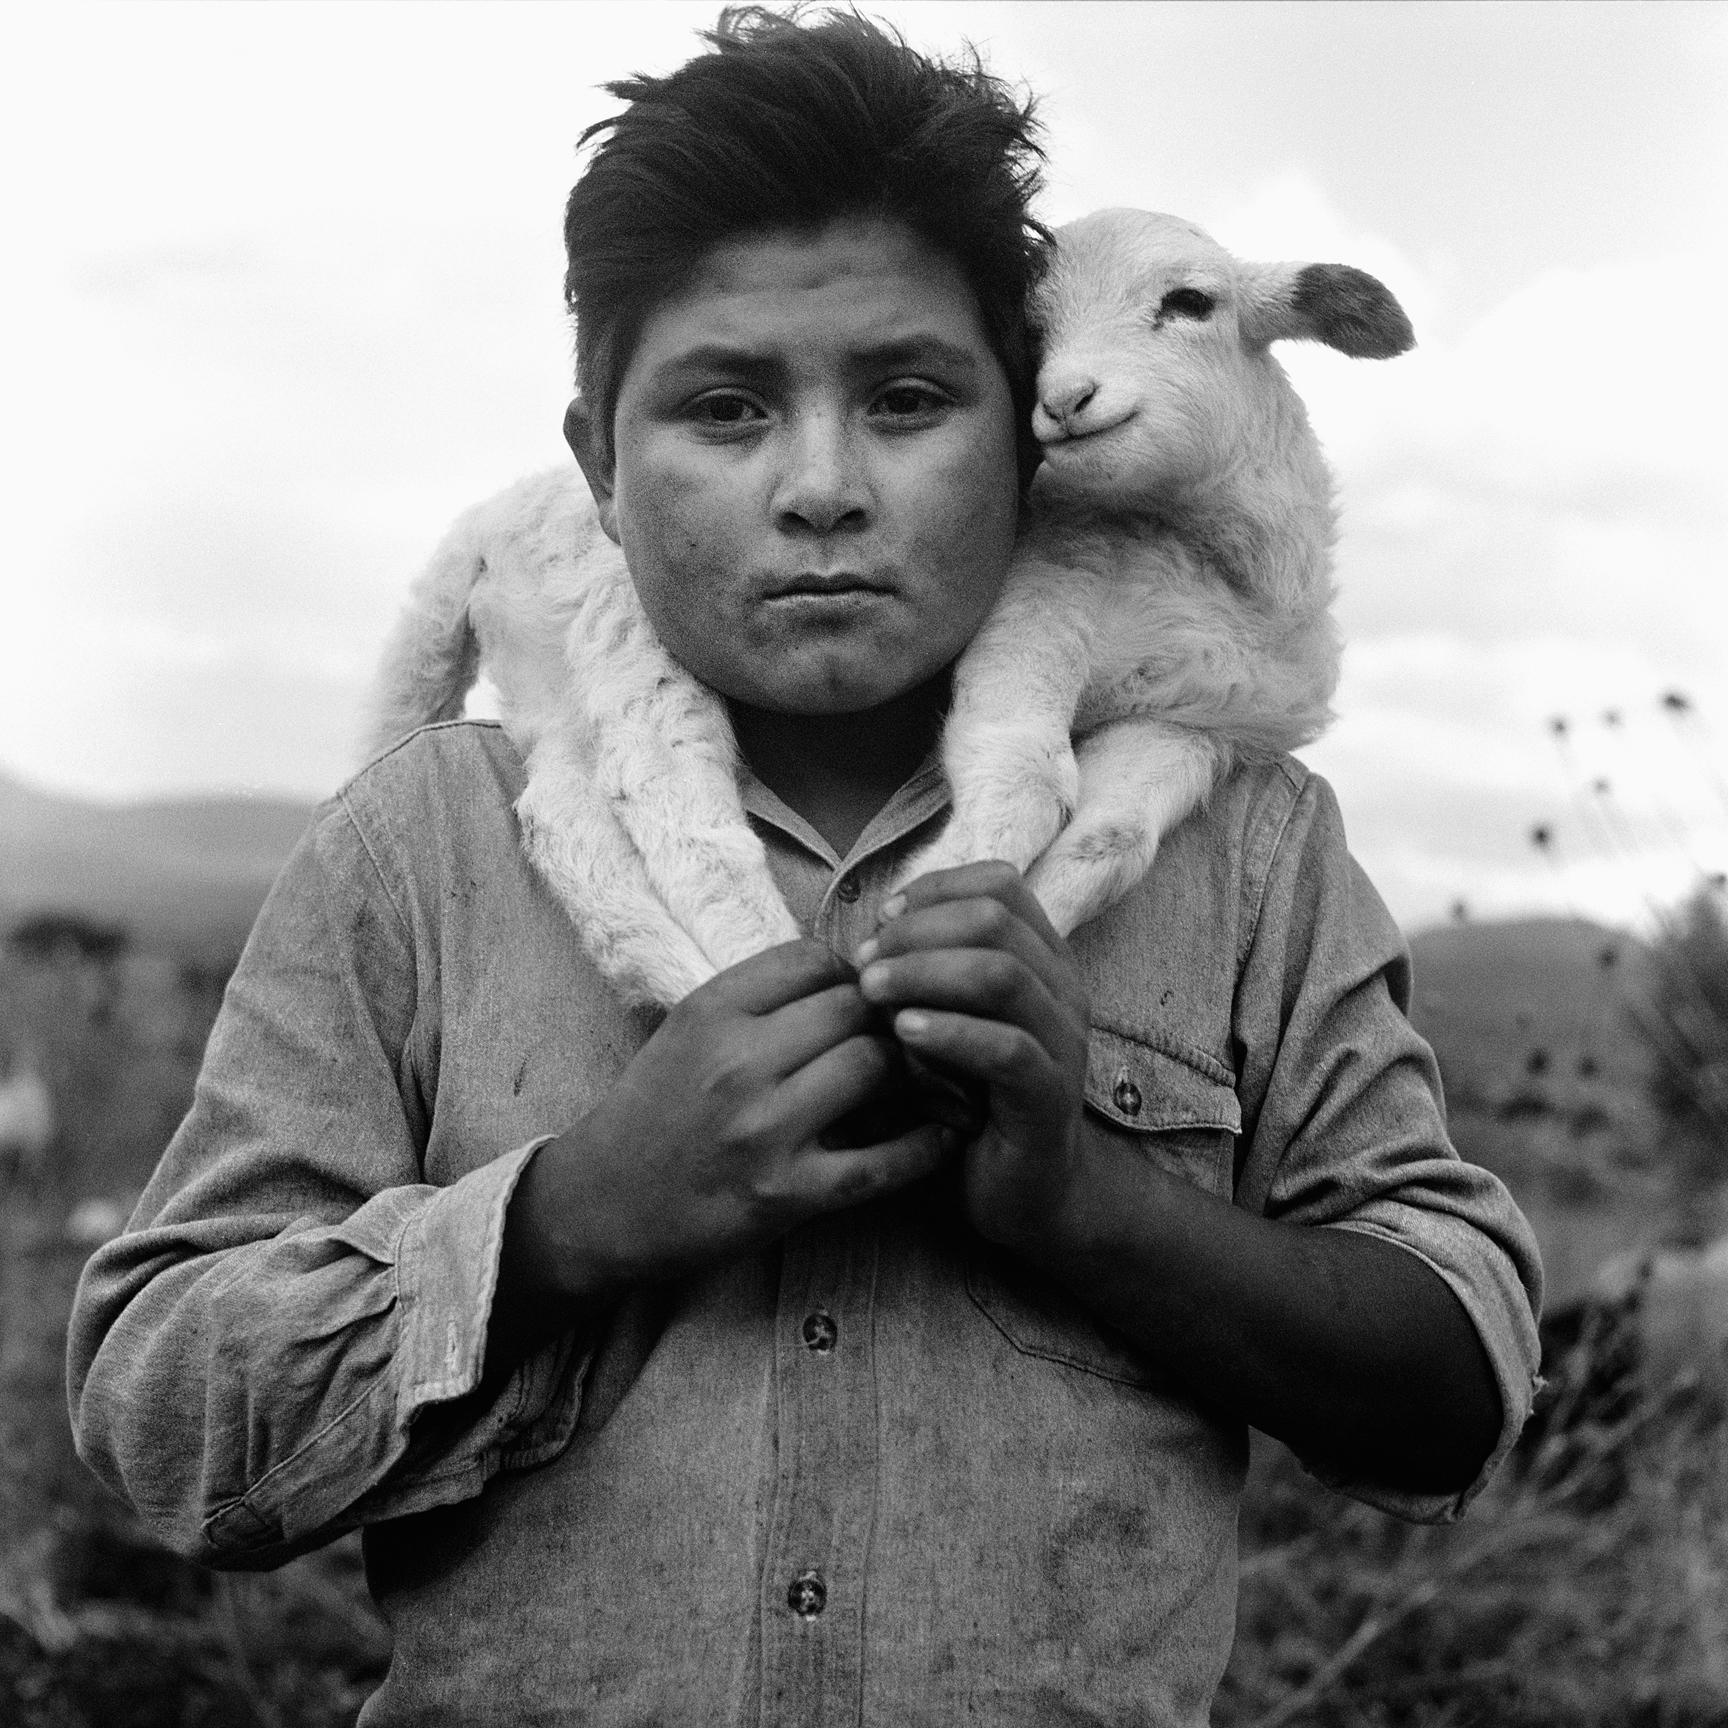 Shepherd/Mexico